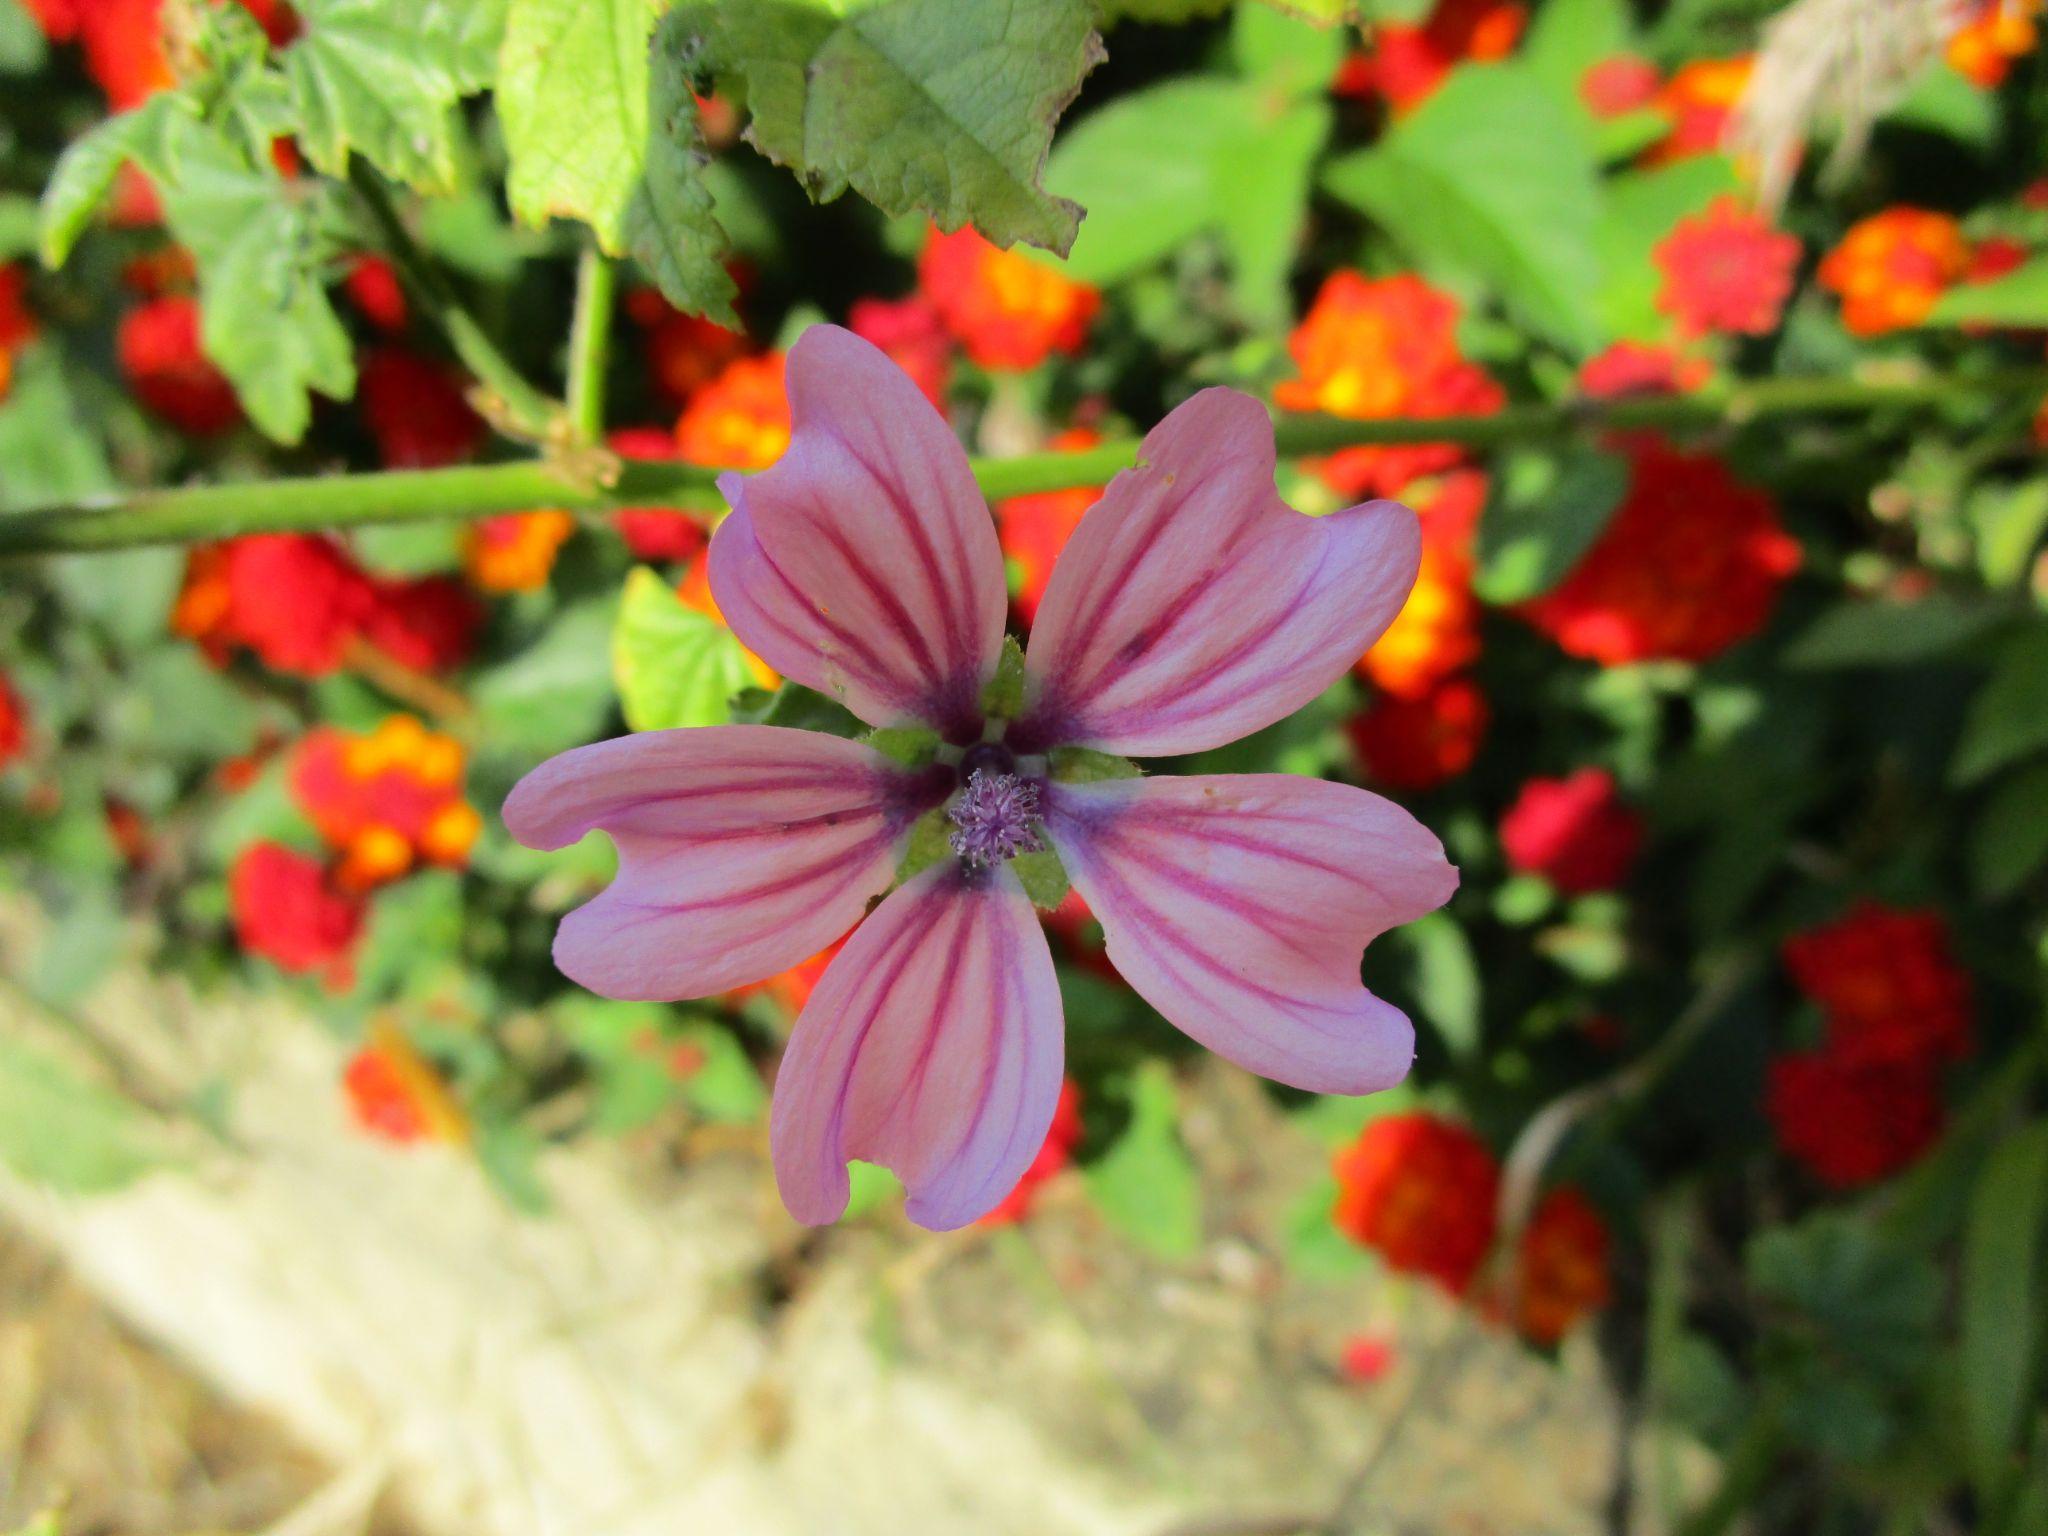 flowers 4 by Raffaele Tria